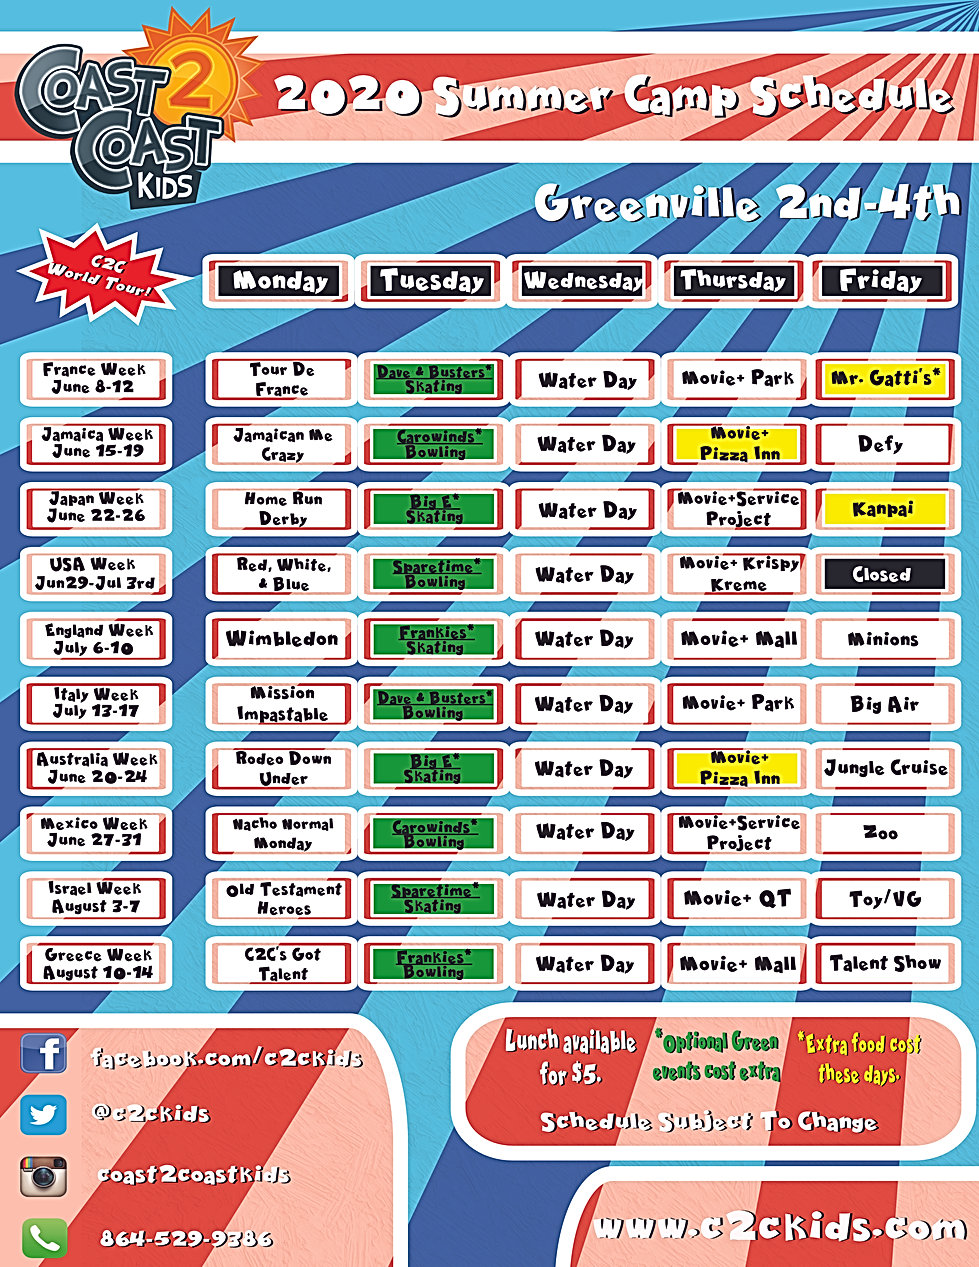 2nd-4th Greenville Schedule.jpg